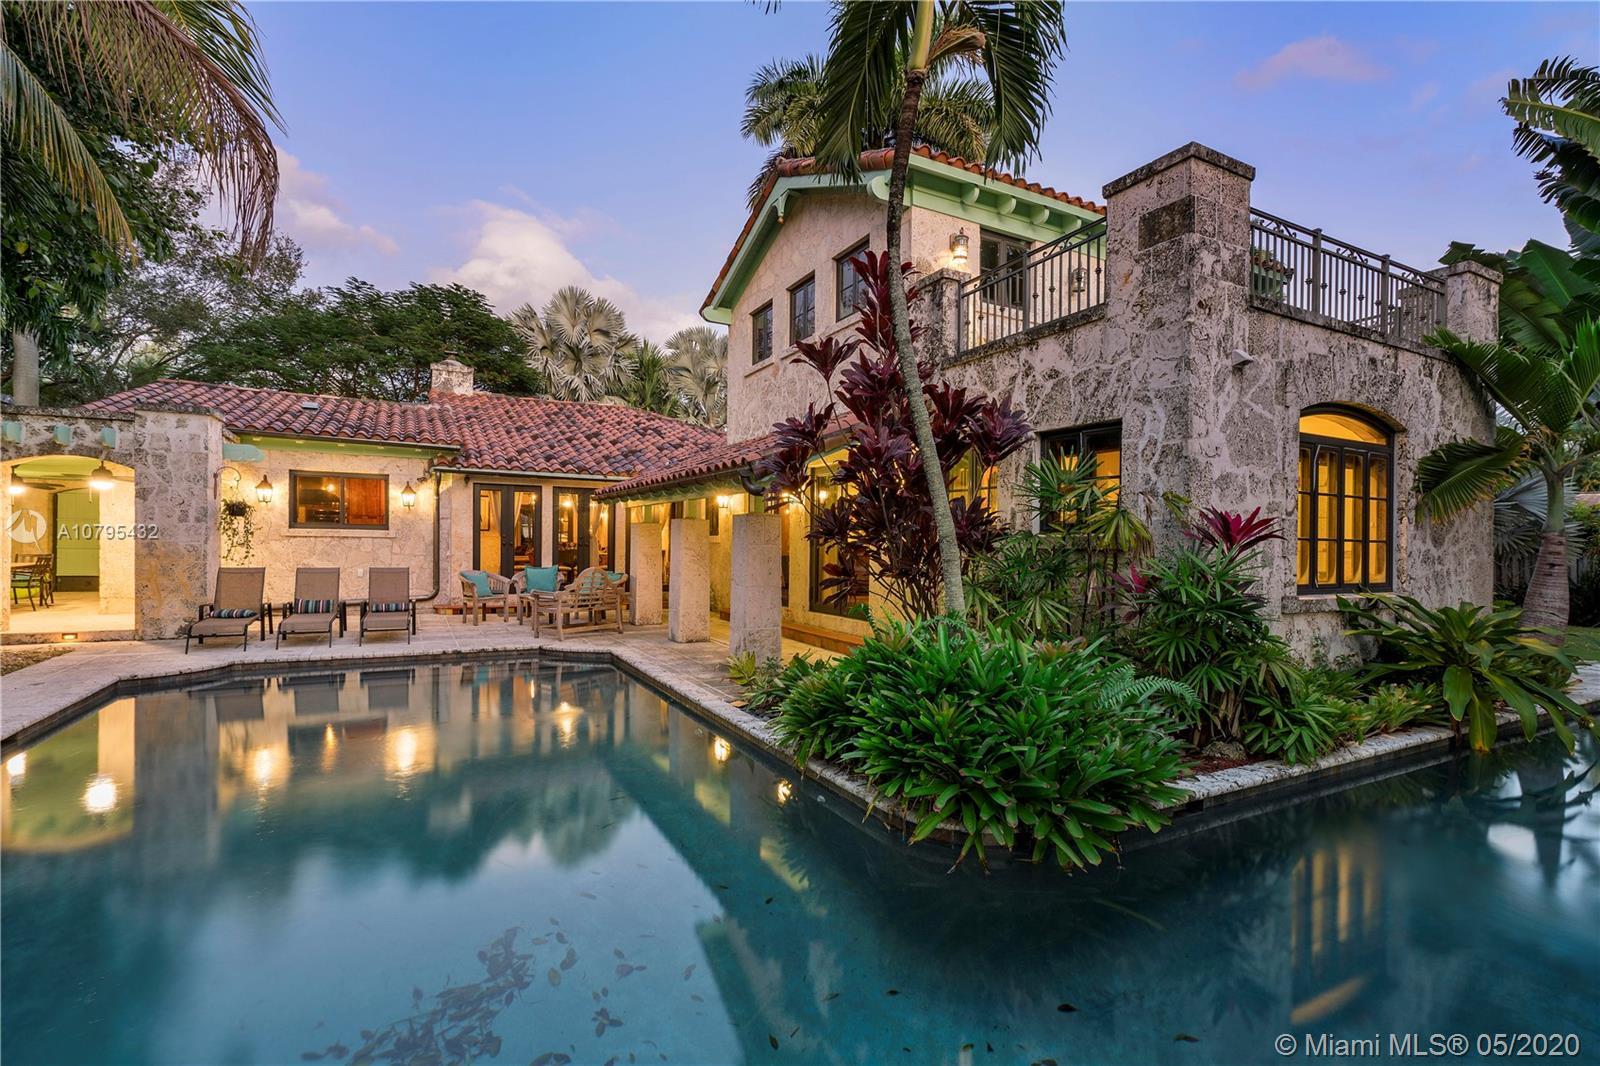 11520 Griffing Blvd, Biscayne Park, FL 33161 - Biscayne Park, FL real estate listing